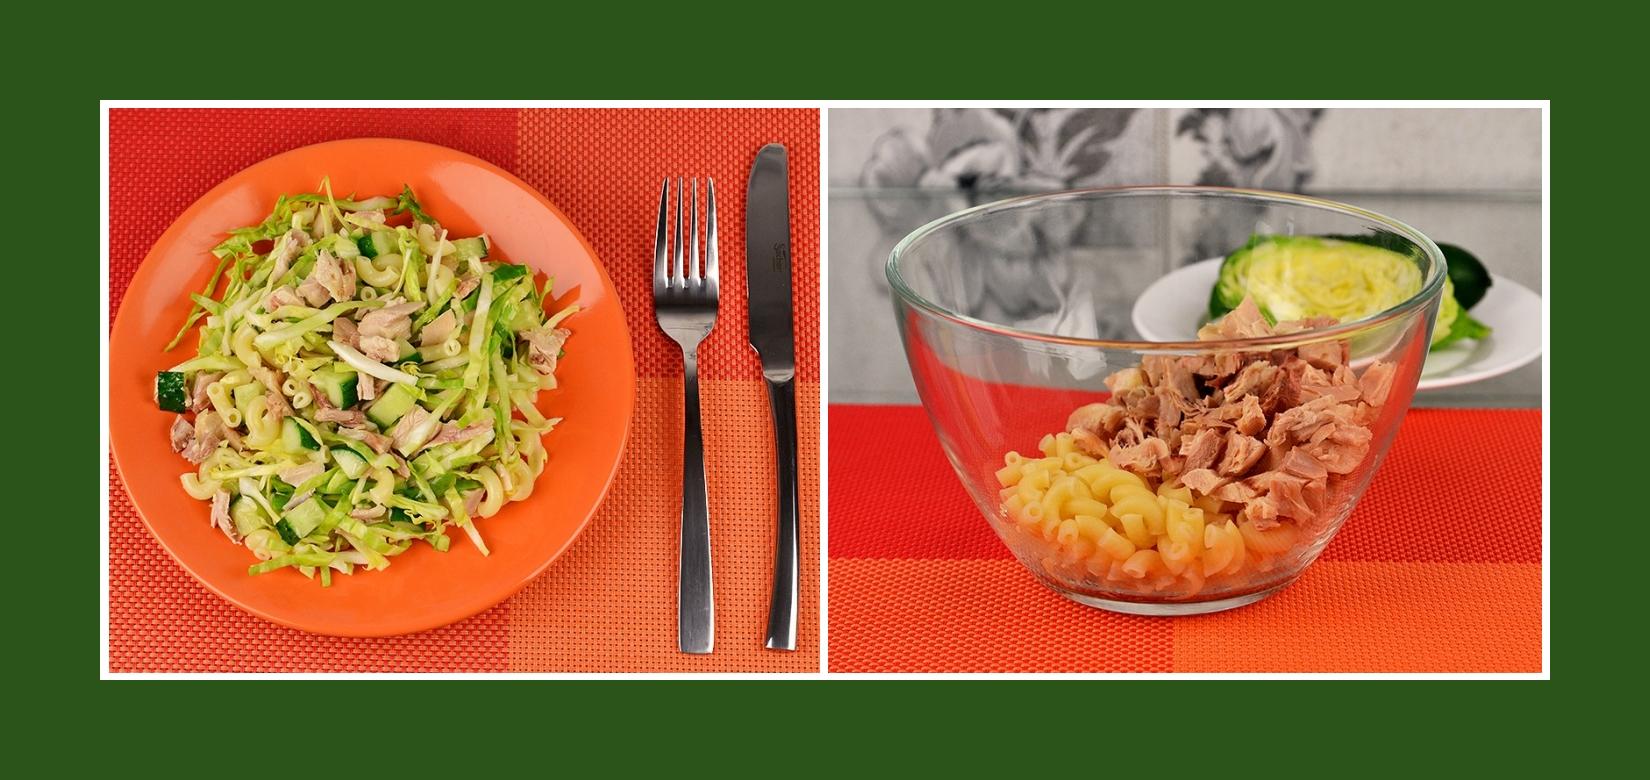 Nudelsalat mit Hähnchenfleisch oder Putenfleisch